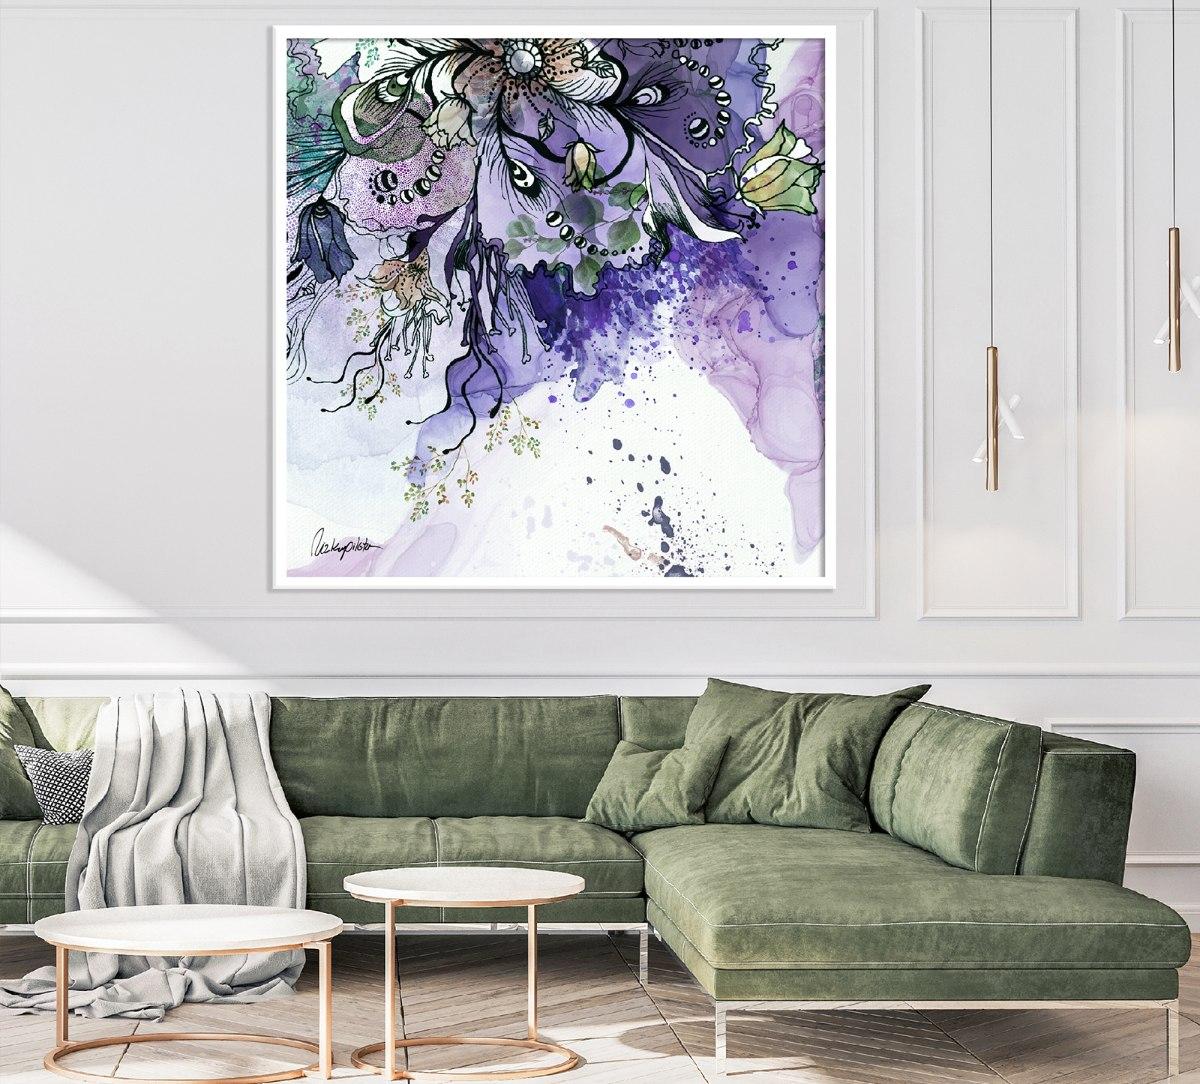 תמונה מעל ספה לסלון, ציור צבעים סגולים